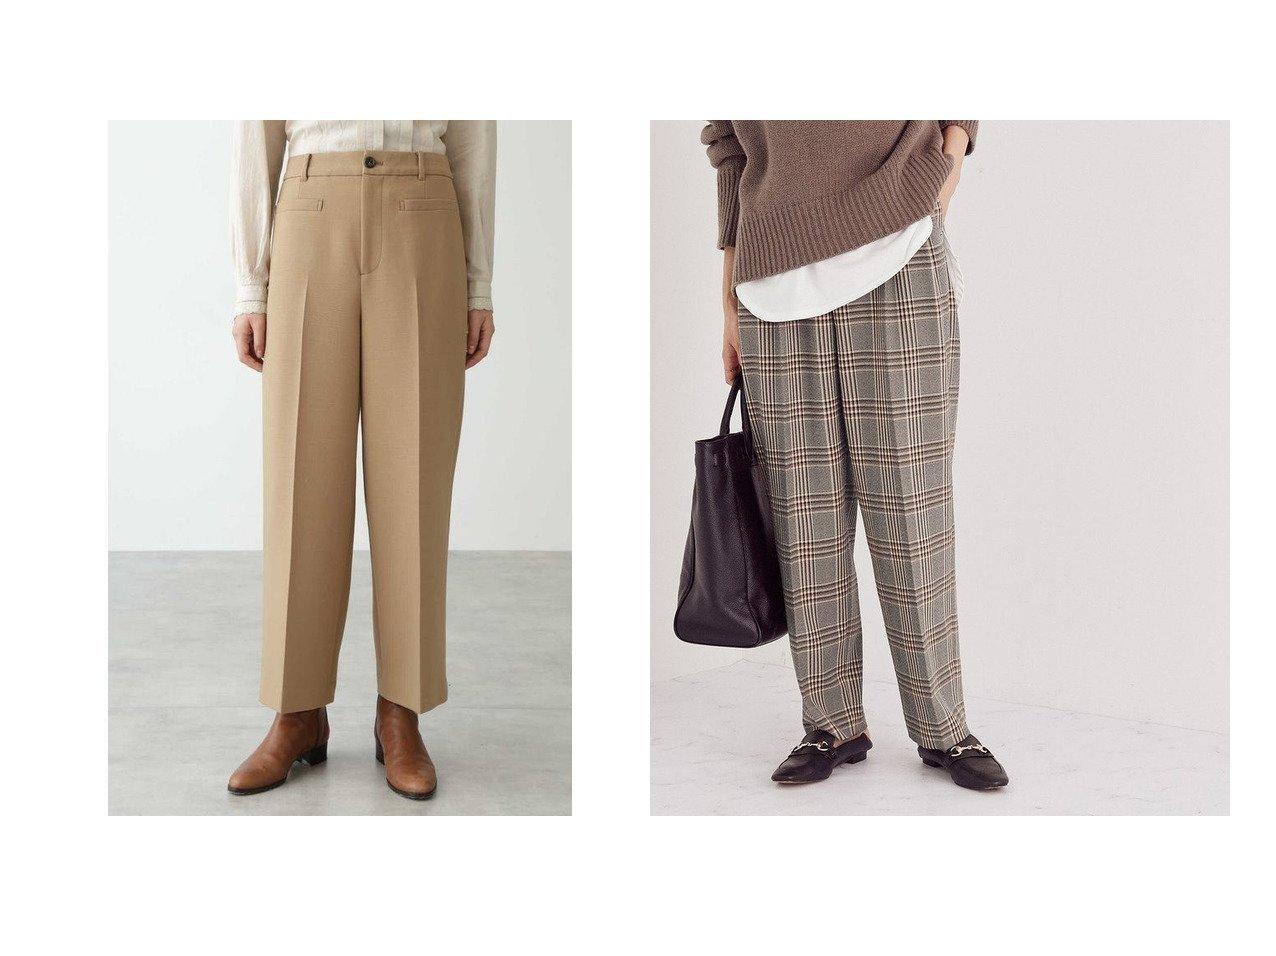 【ROPE/ロペ】の【セットアップ対応】ウールライクツイードベルテッドパンツ&【HUMAN WOMAN/ヒューマンウーマン】のフレックスウールダブルクロスパンツ パンツのおすすめ!人気、レディースファッションの通販 おすすめで人気のファッション通販商品 インテリア・家具・キッズファッション・メンズファッション・レディースファッション・服の通販 founy(ファニー) https://founy.com/ ファッション Fashion レディース WOMEN パンツ Pants セットアップ Setup パンツ Pants クロップド ショート ストレッチ ストレート クラシカル コンパクト セットアップ チェック ツィード ツイード トレンド マニッシュ 無地 |ID:crp329100000003125